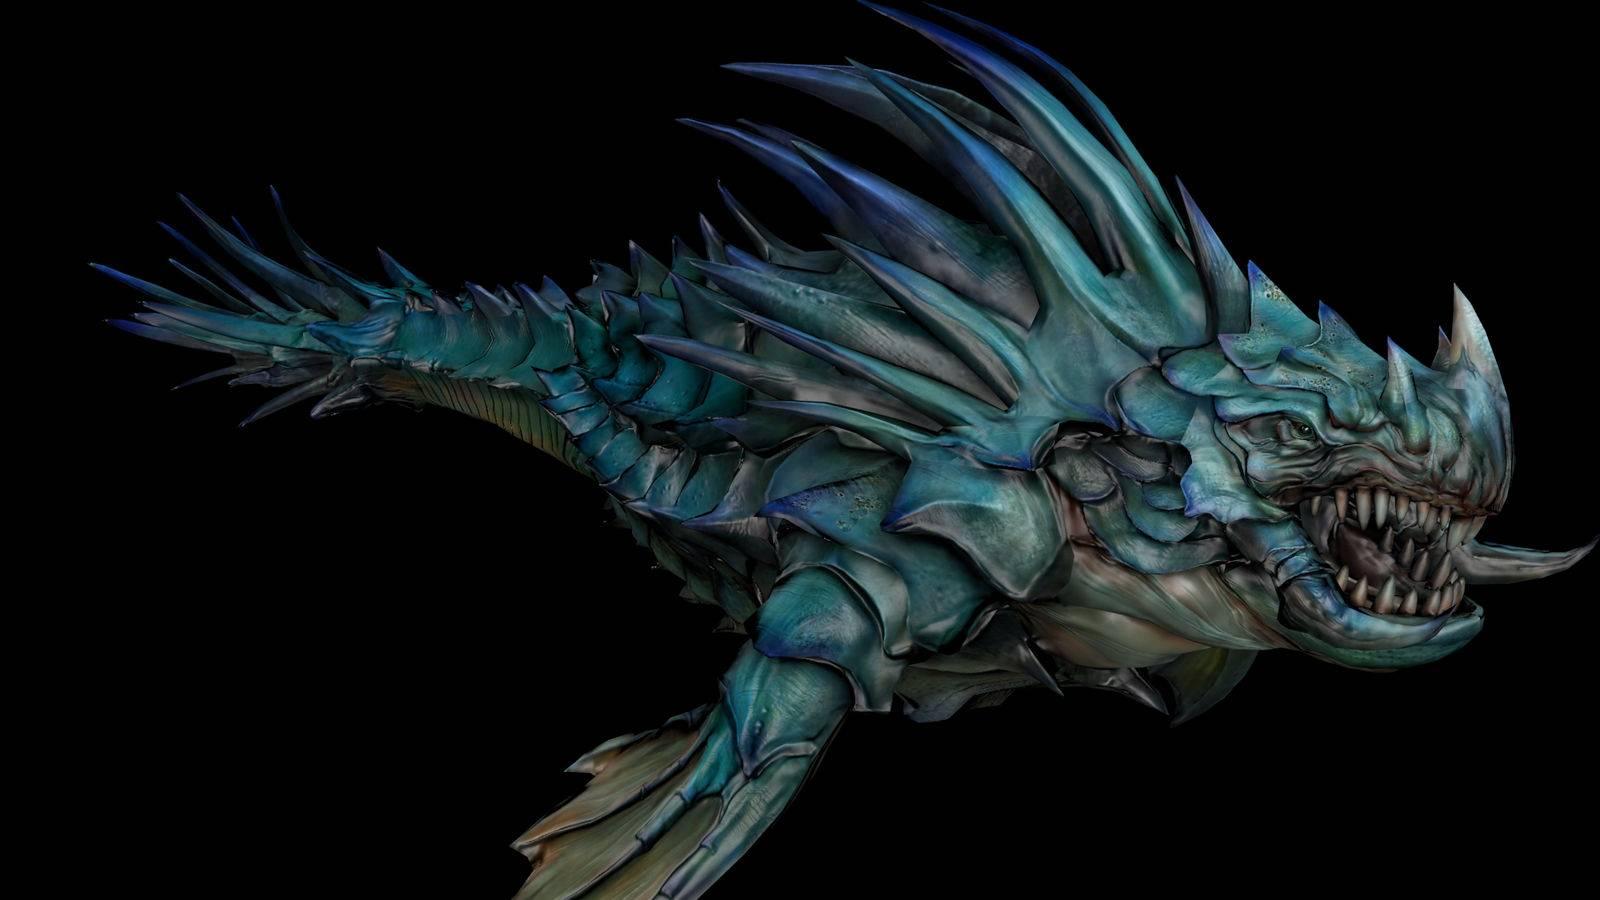 Кто такой левиафан – описание одного из сильнейших демонов и мифологического чудовища